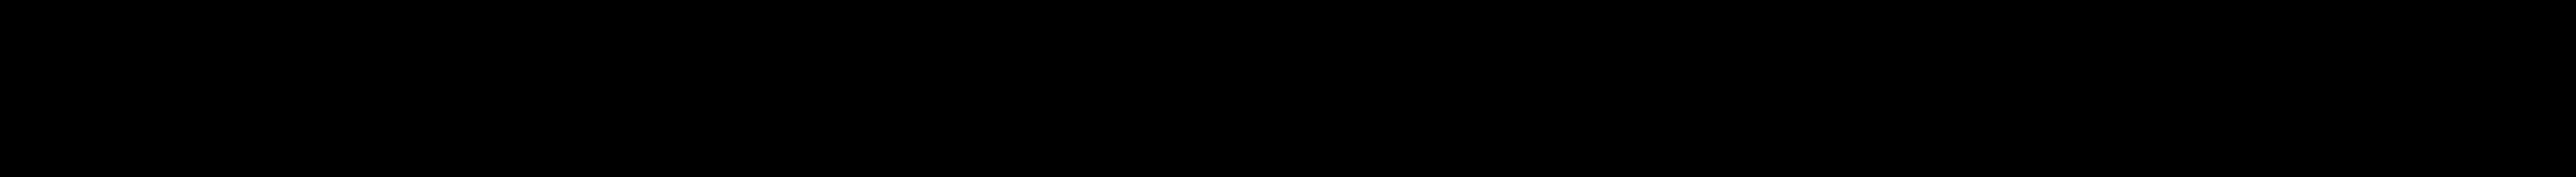 Backtalk Sans BTN Short Caps